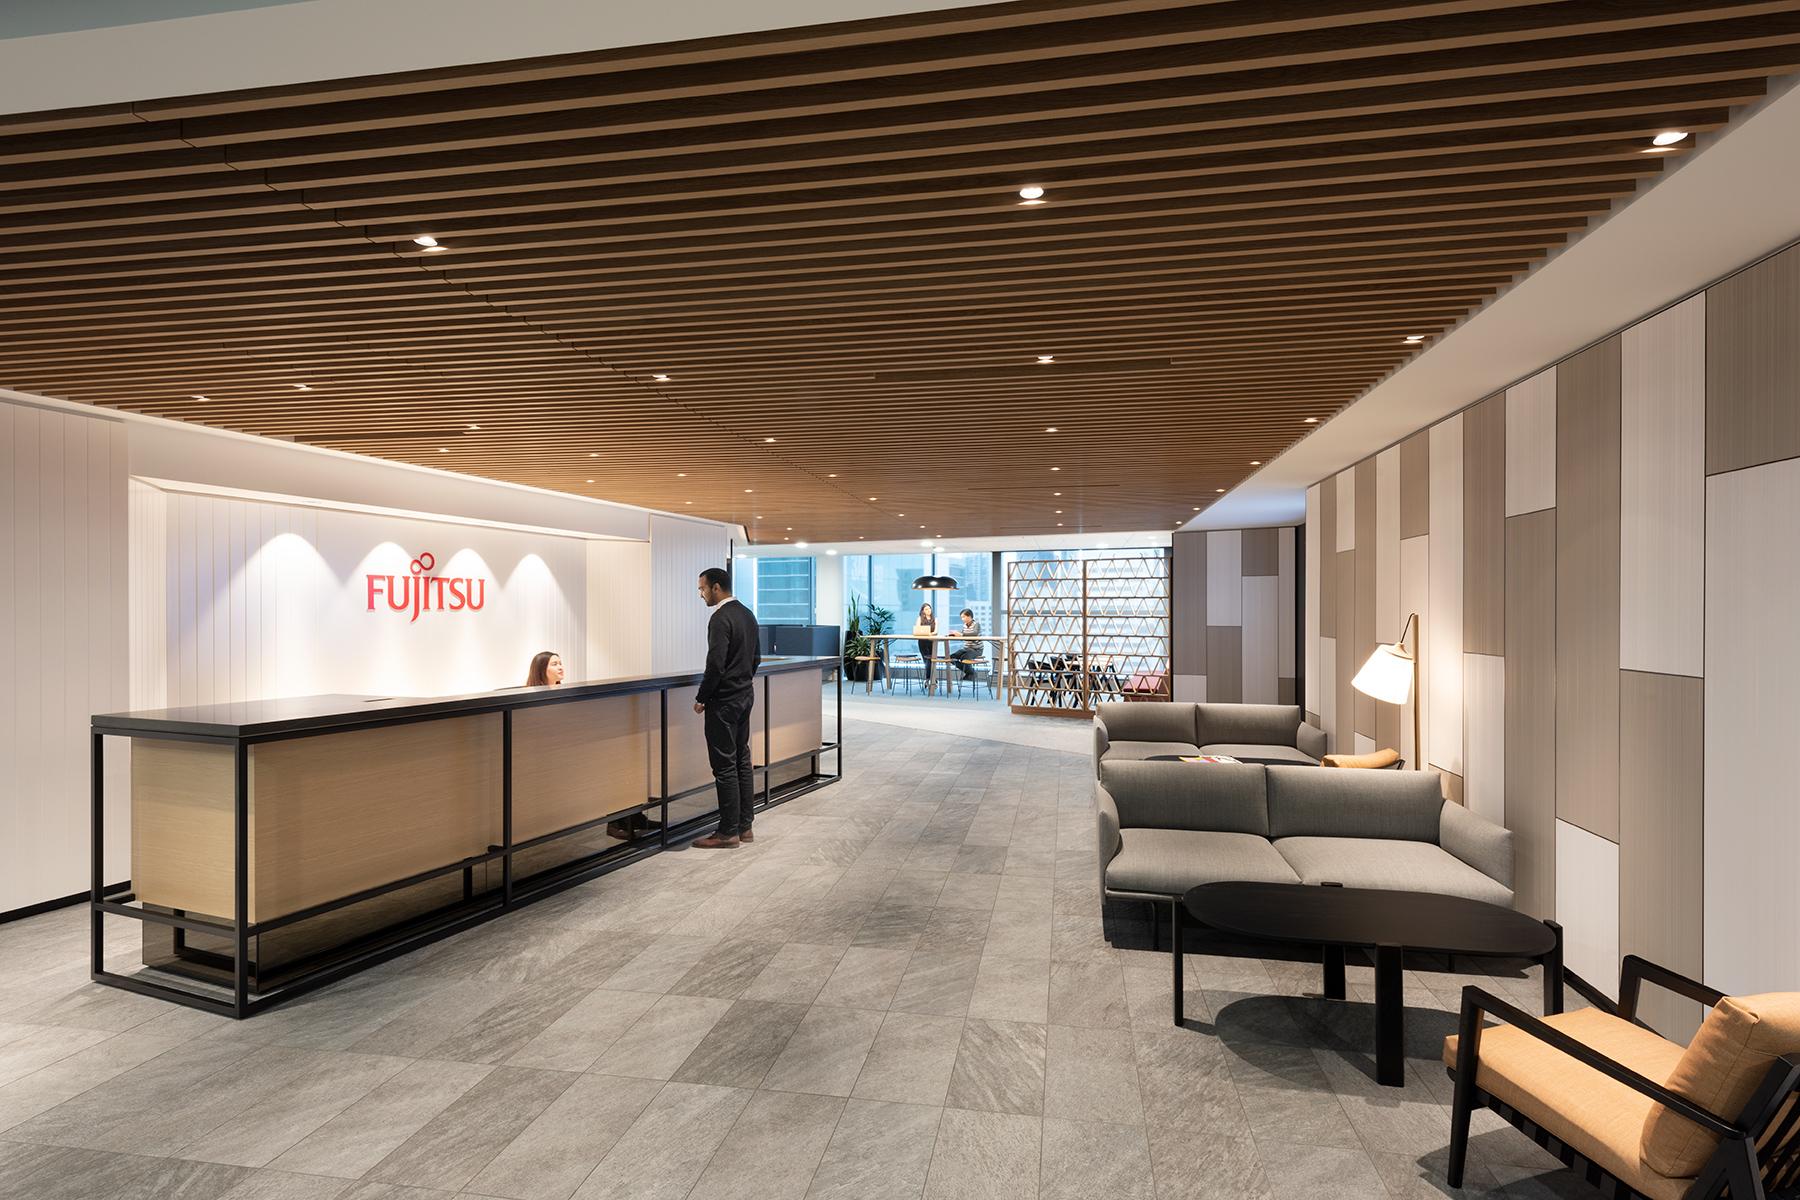 Sự kết hợp của tinh thần Nhật Bản và âm hưởng kiến trúc Austrlia trong thiết kế văn phòng Fujisu tại